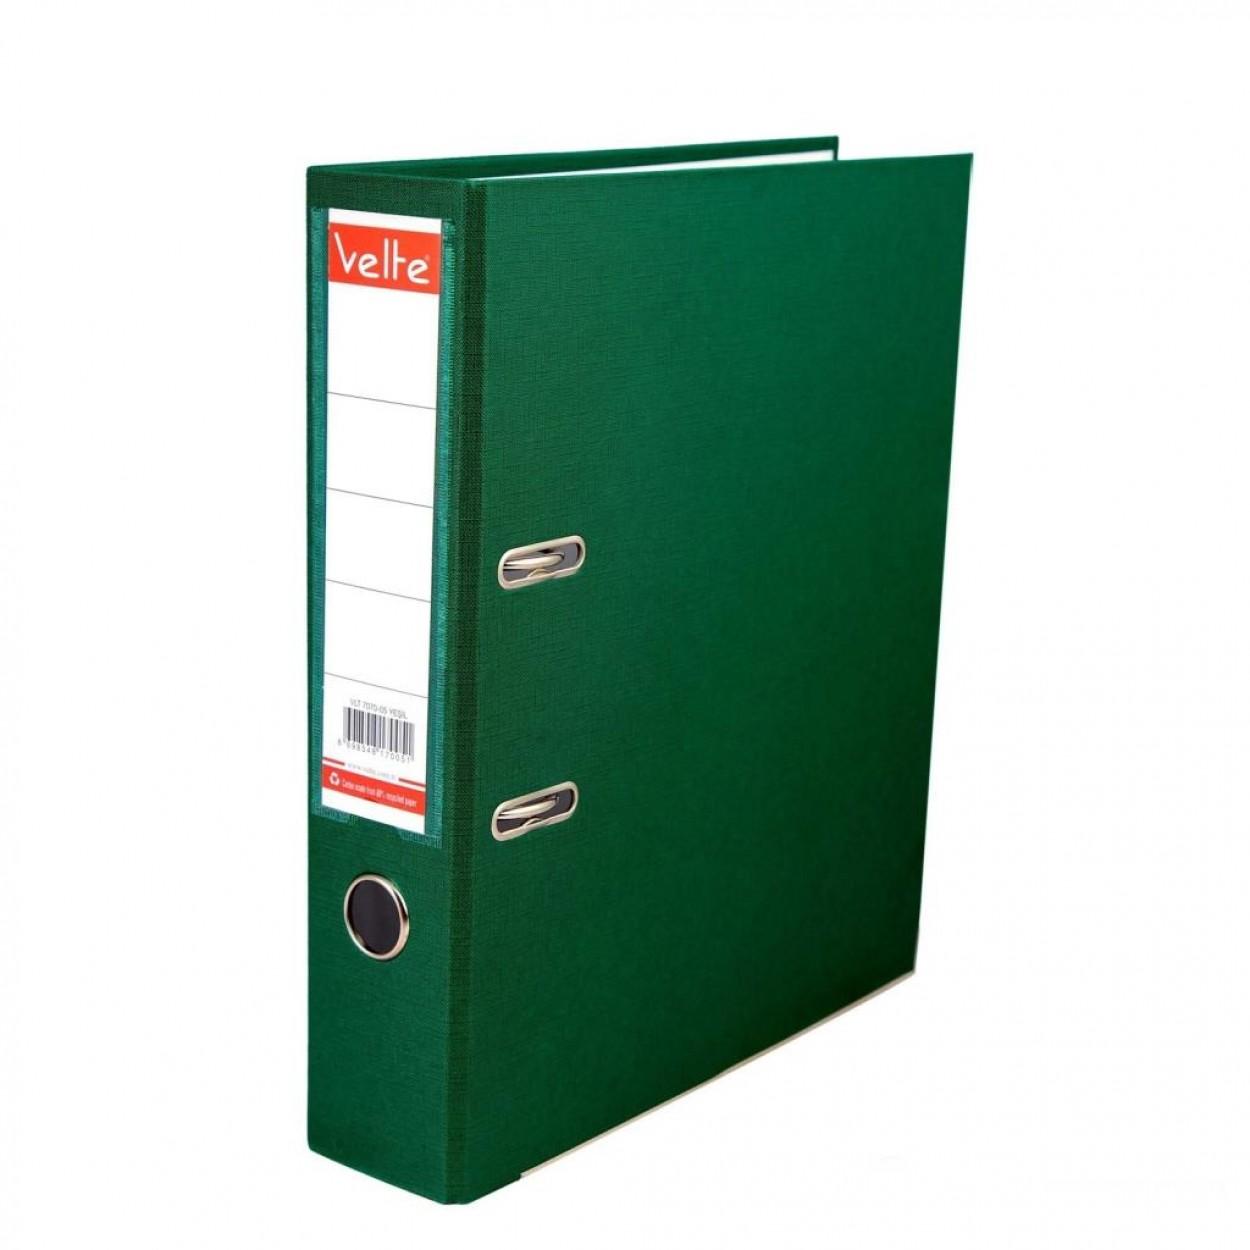 Velte Plastik Klasör Geniş Yeşil Renk